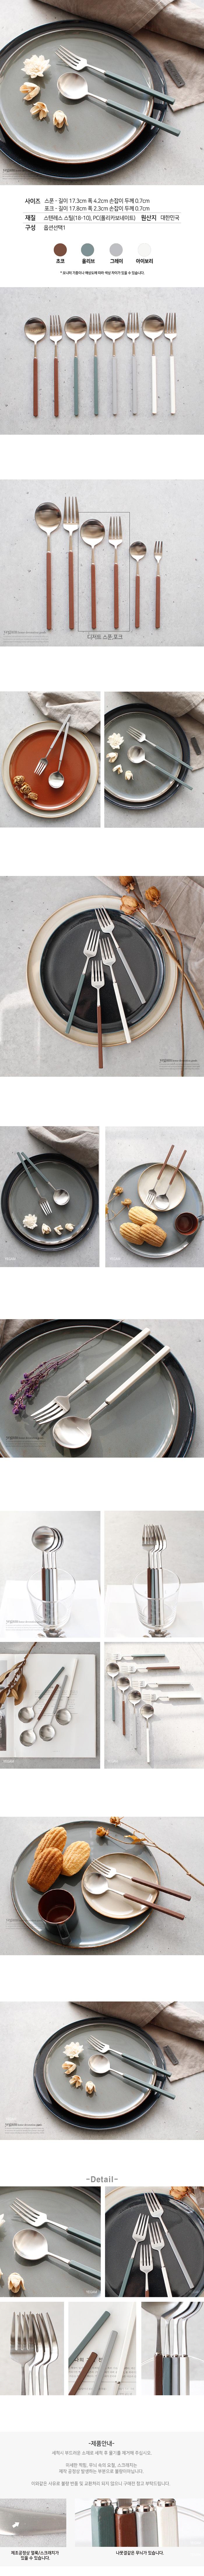 몽블랑 로얄 샤틴 디저트 스푼 디저트 포크(4color) lovesweety - 꾸미기 좋은날, 6,300원, 양식기 세트, 양식기 세트